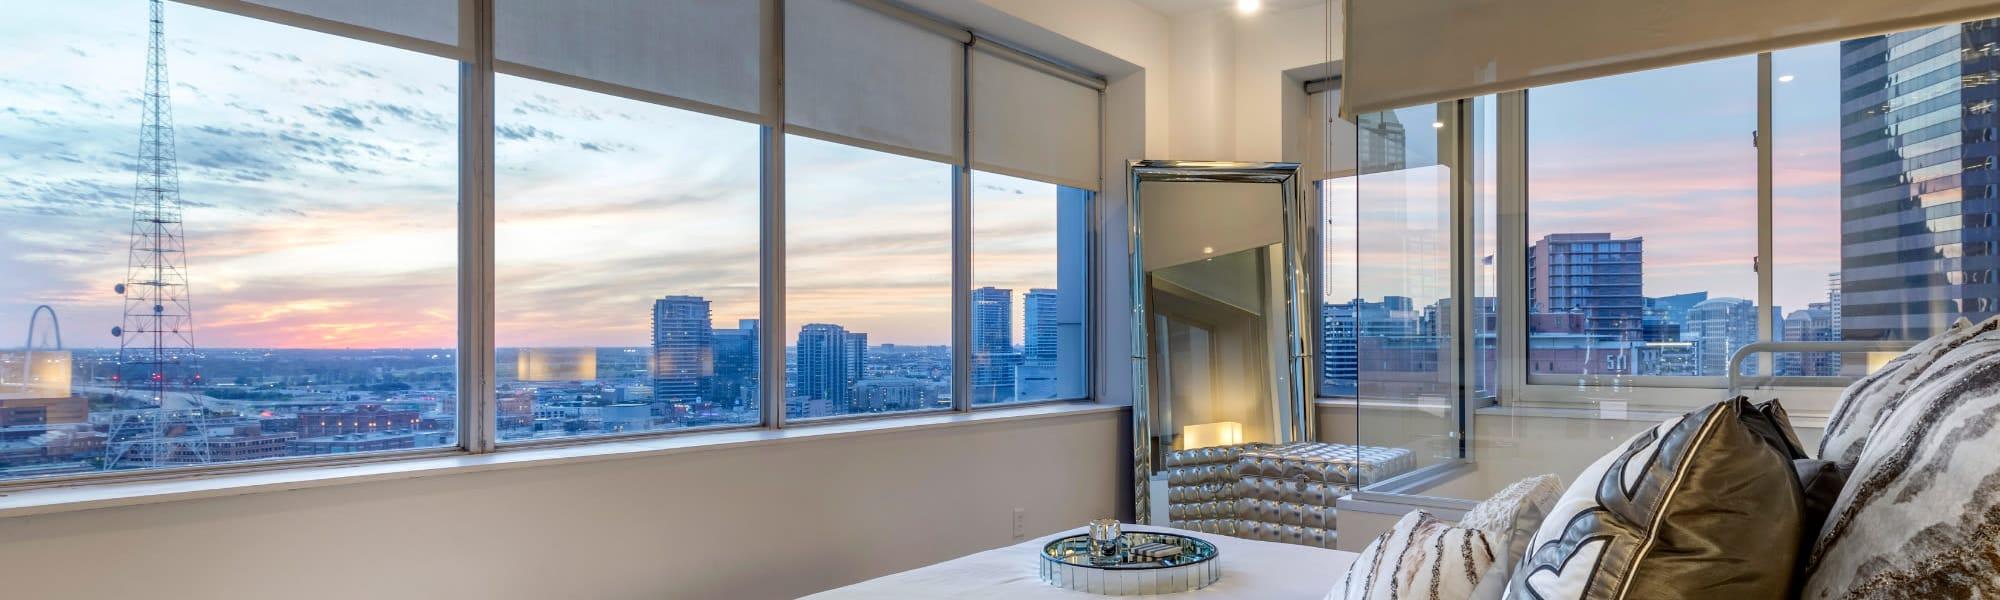 Floor plans at Mosaic Dallas in Dallas, Texas